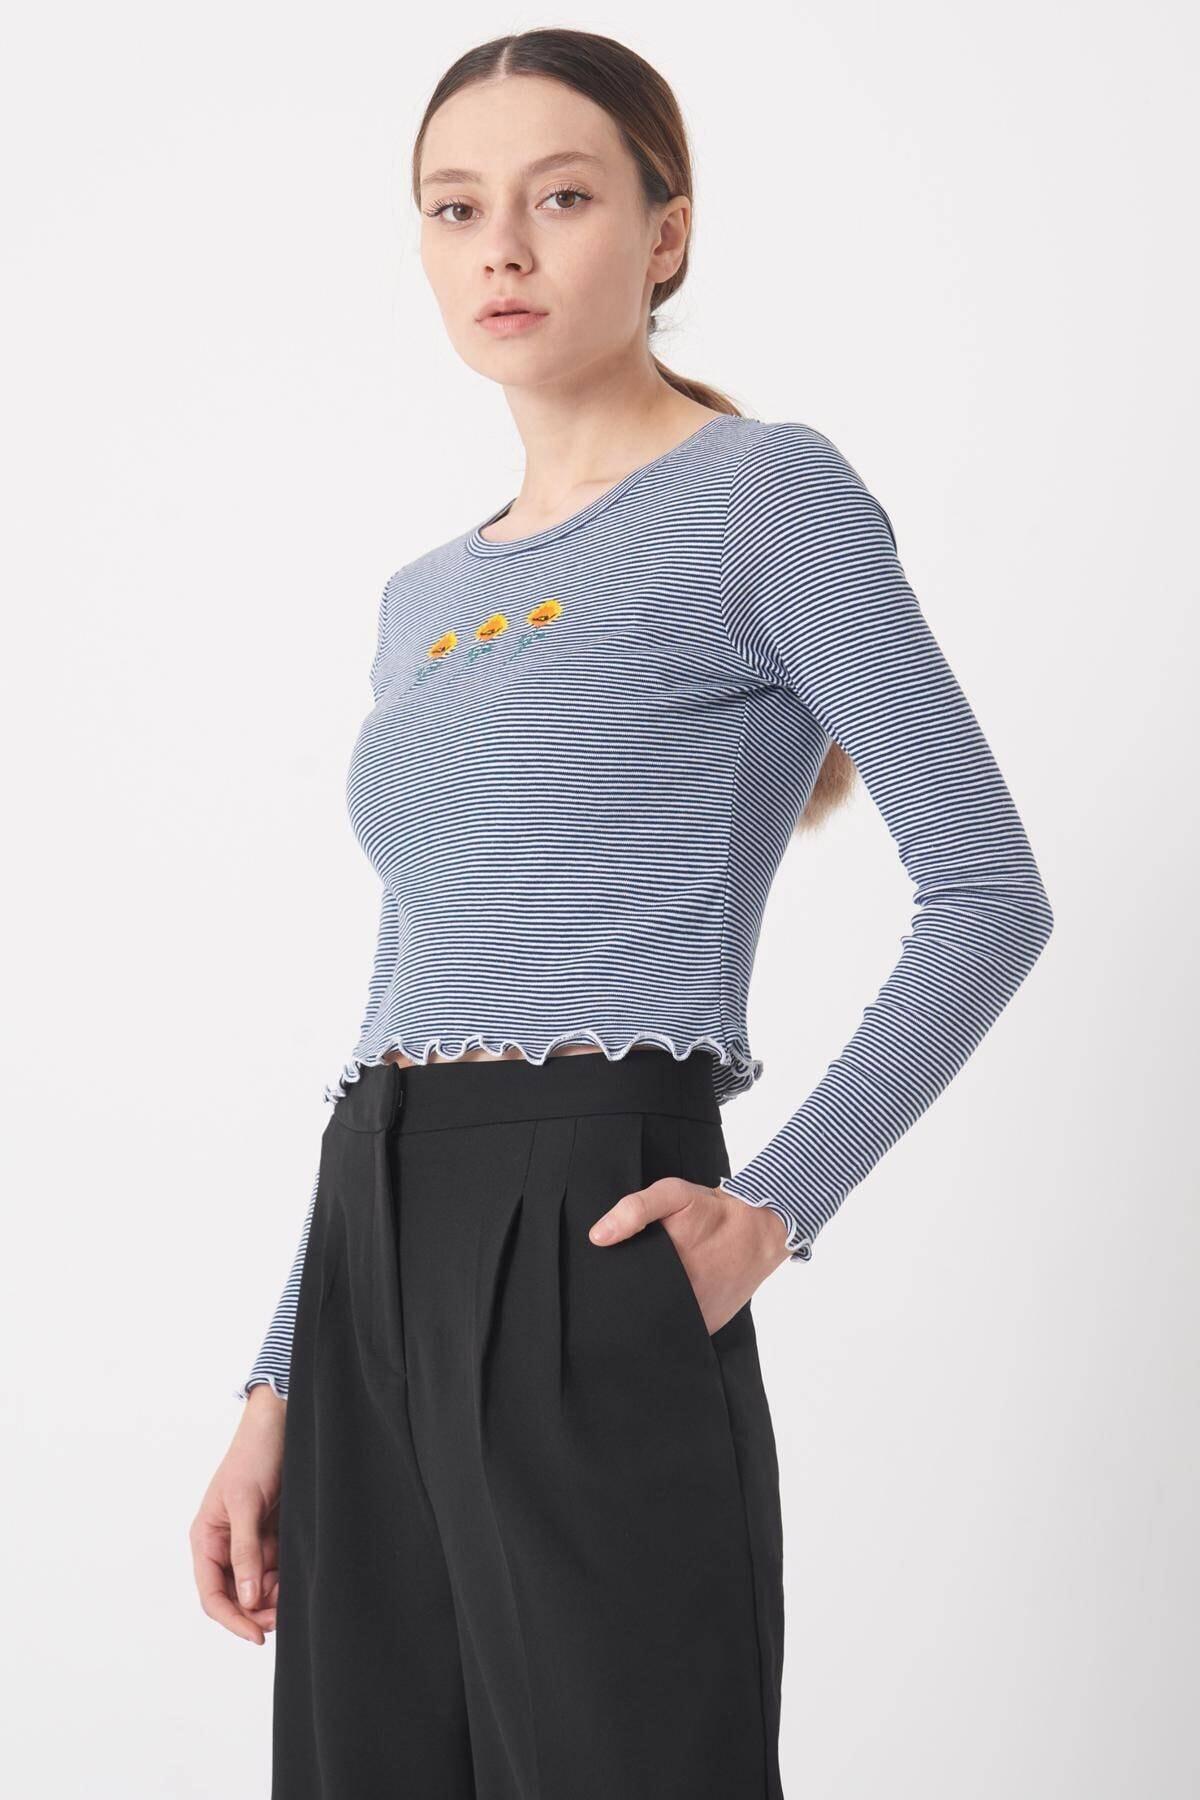 Addax Kadın Laci-Beyaz İşleme Detaylı Bluz B1043 - DK6 ADX-0000022790 2